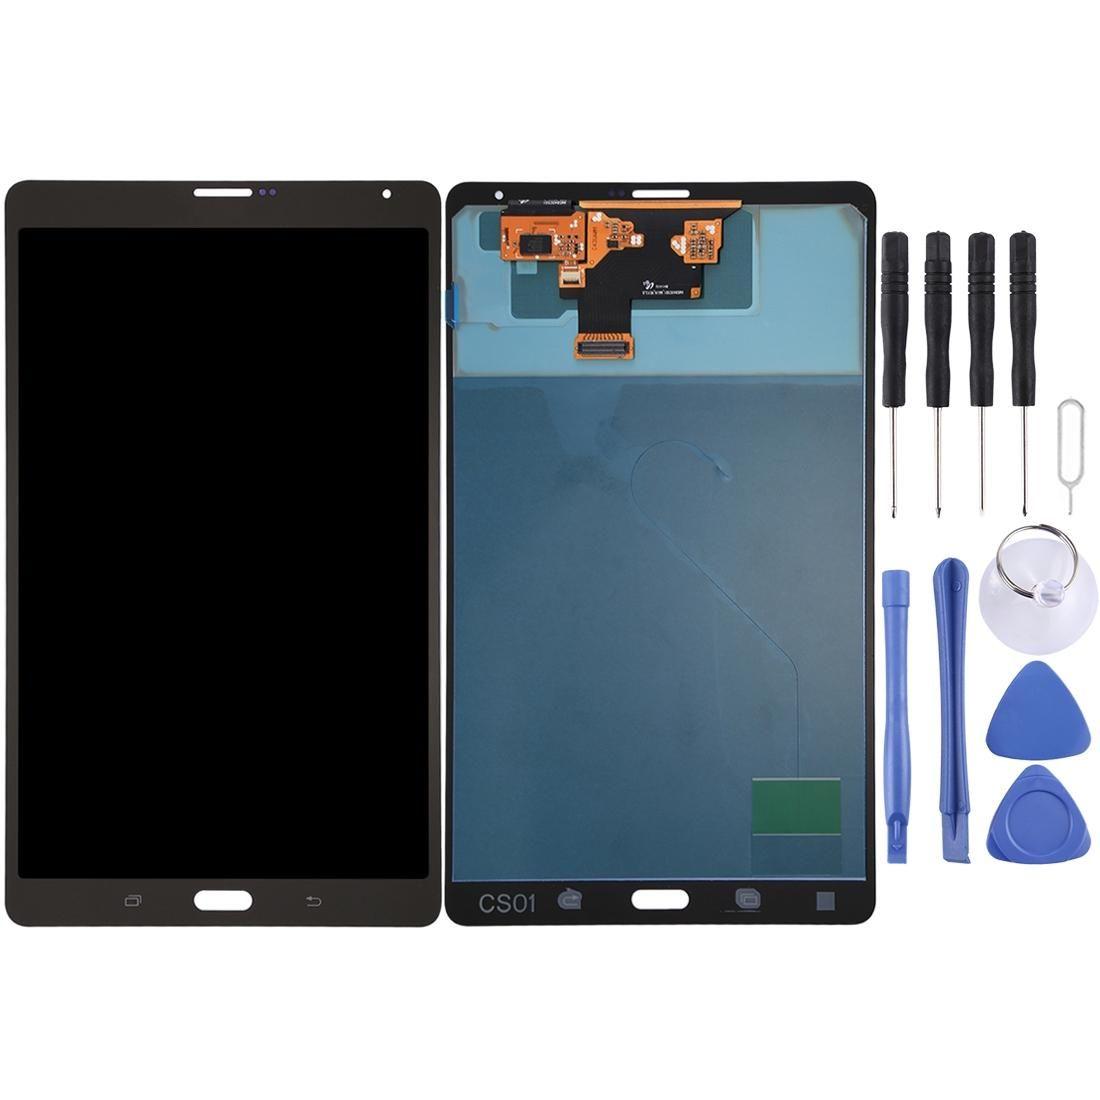 Galaxy Tab S 8.4 LTE / T705 için LCD Ekran ve Sayısallaştırıcı Tam Meclisi